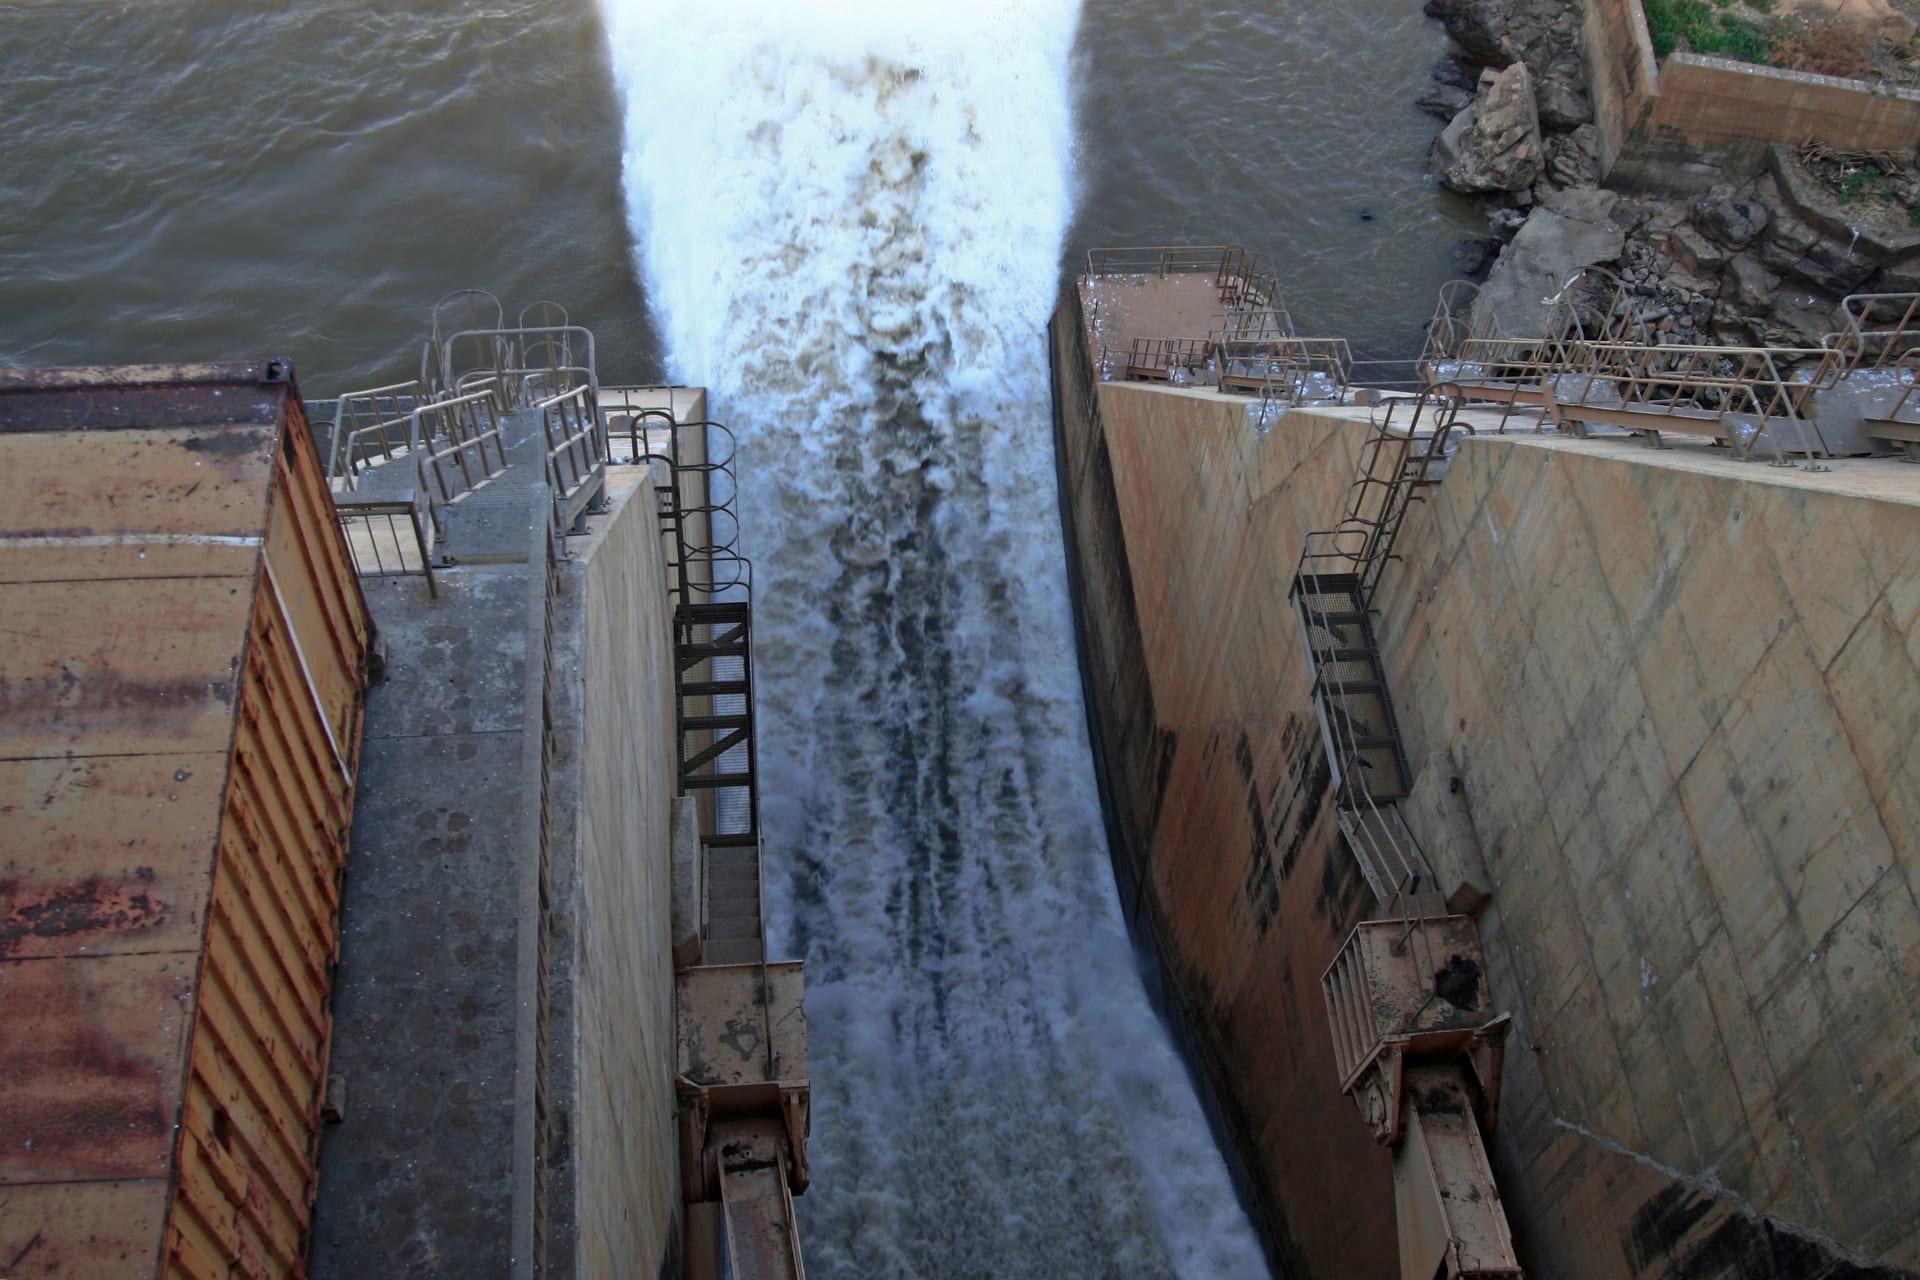 السودان يعلن حجز مئات الملايين من أمتار المياه المكعبة في خطوة استباقية لملء سد النهضة